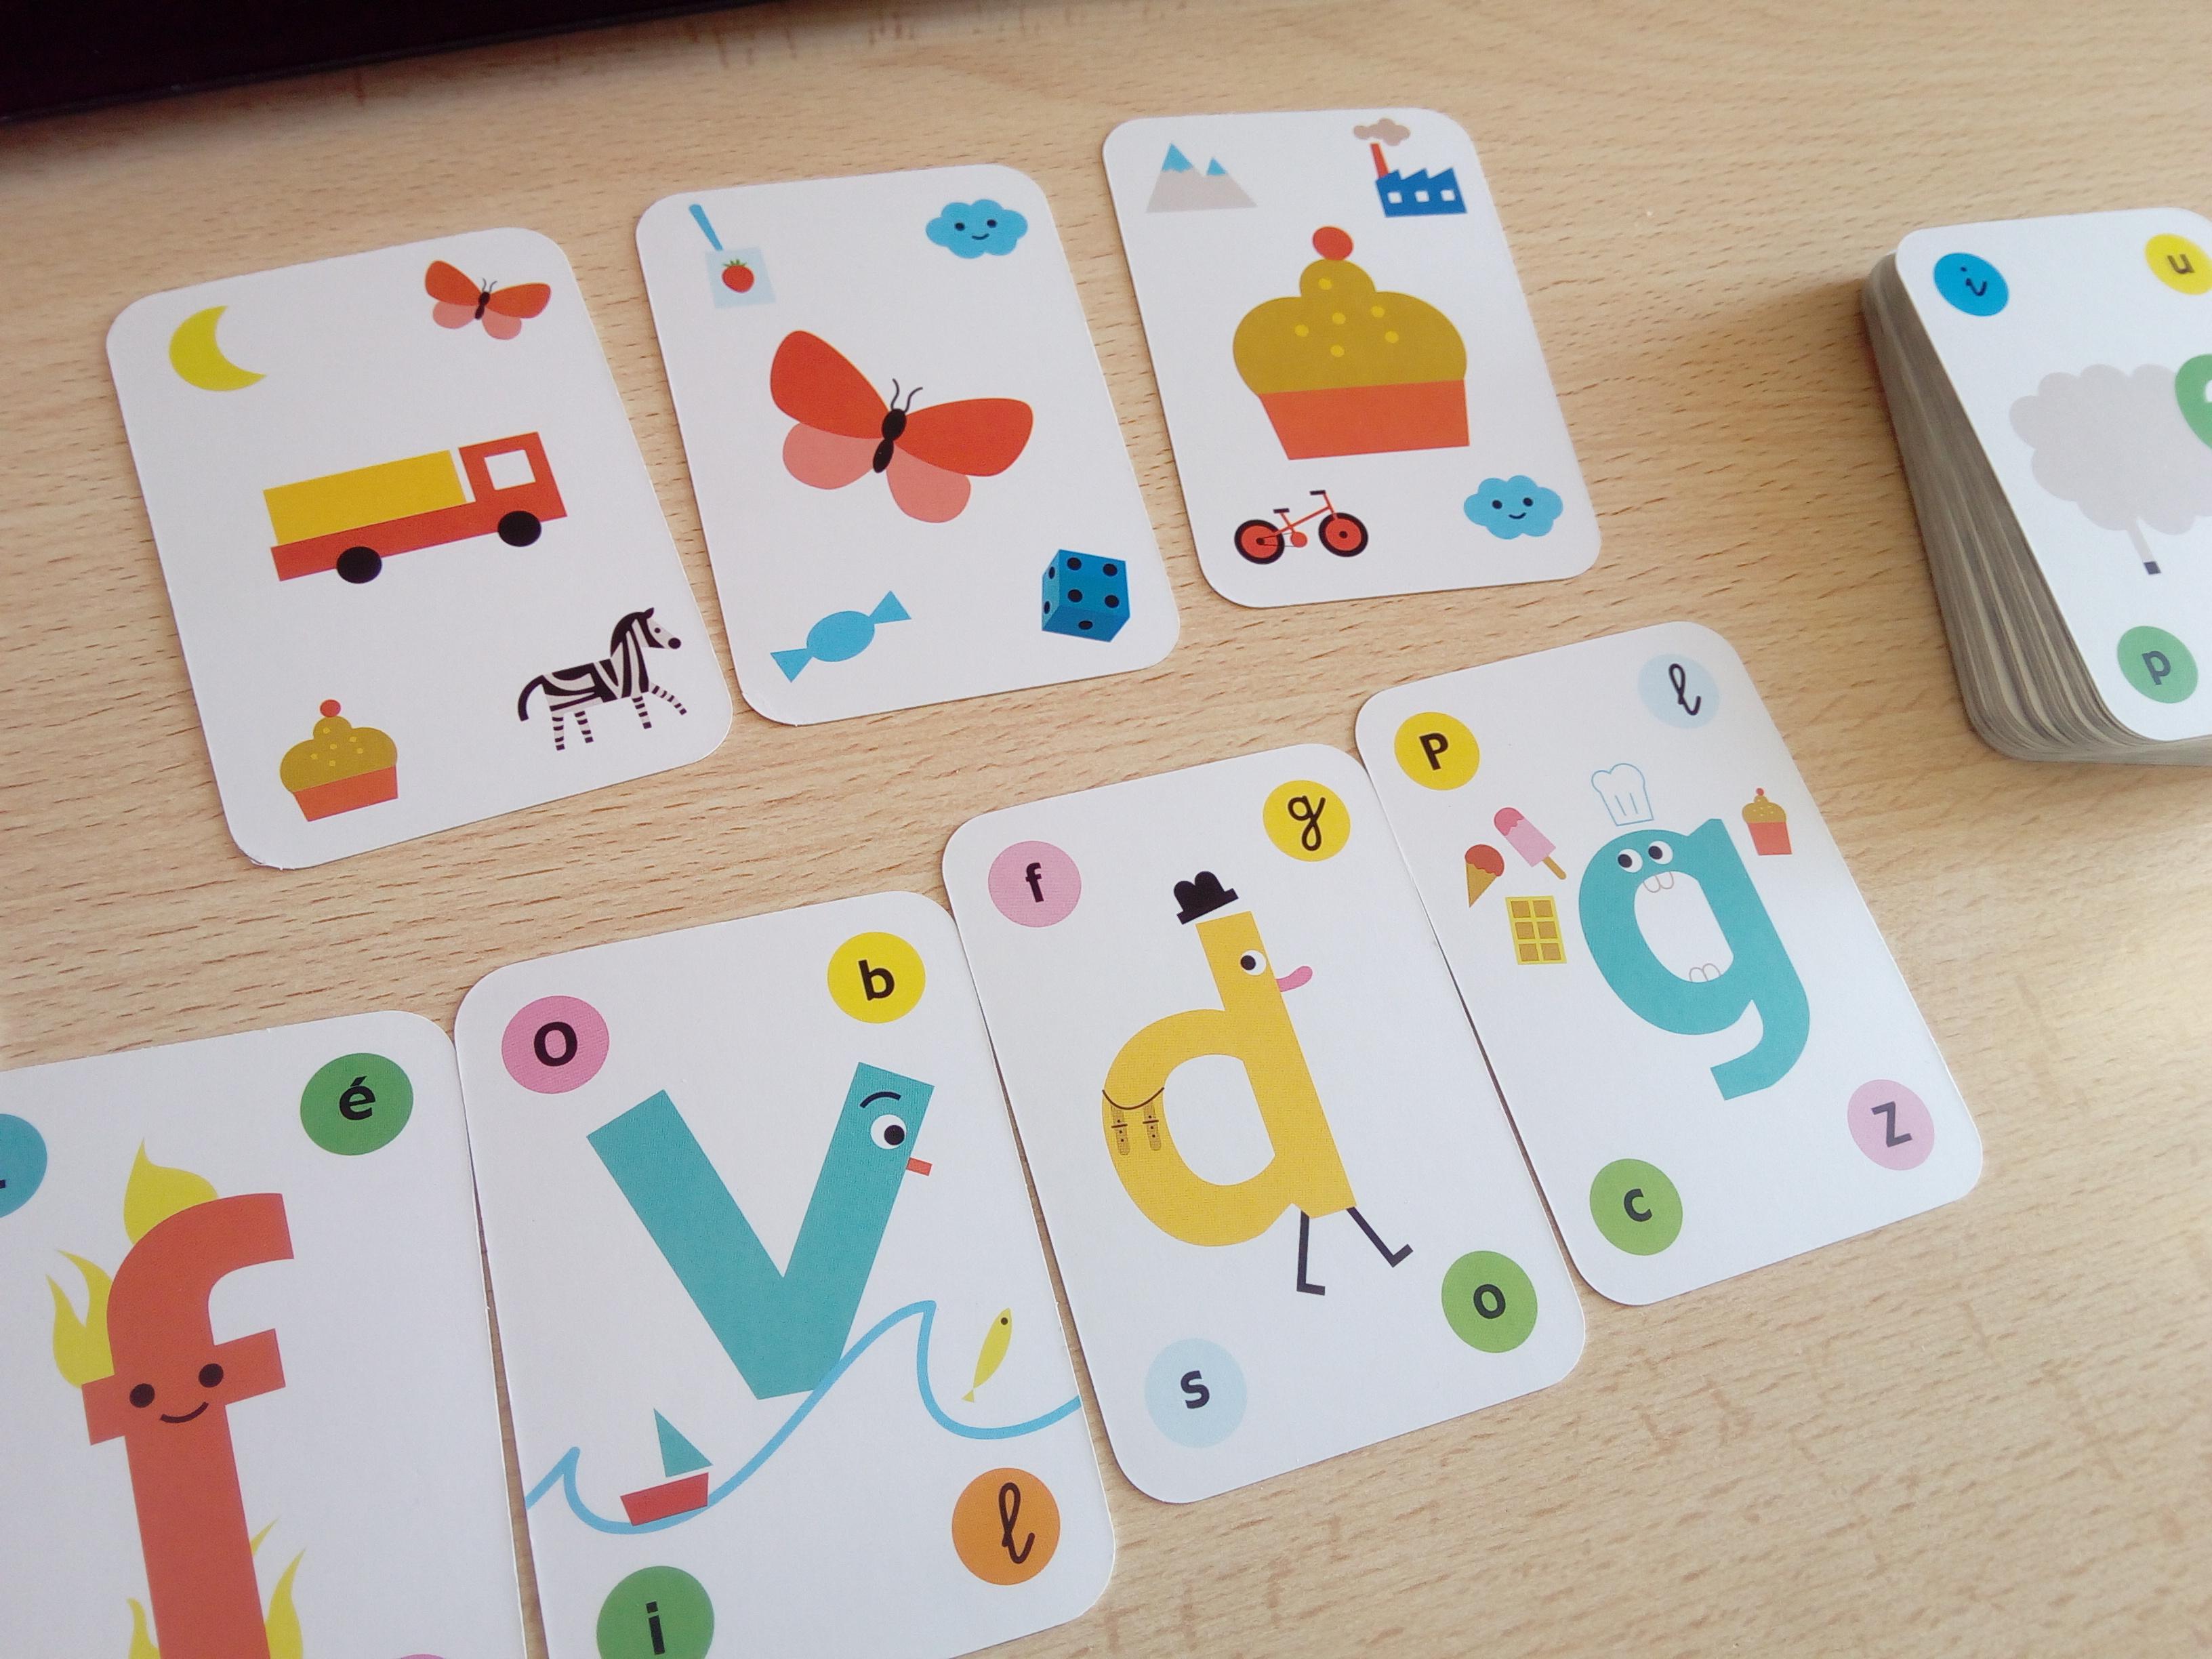 quel jeu deux avec cartes rami. Black Bedroom Furniture Sets. Home Design Ideas